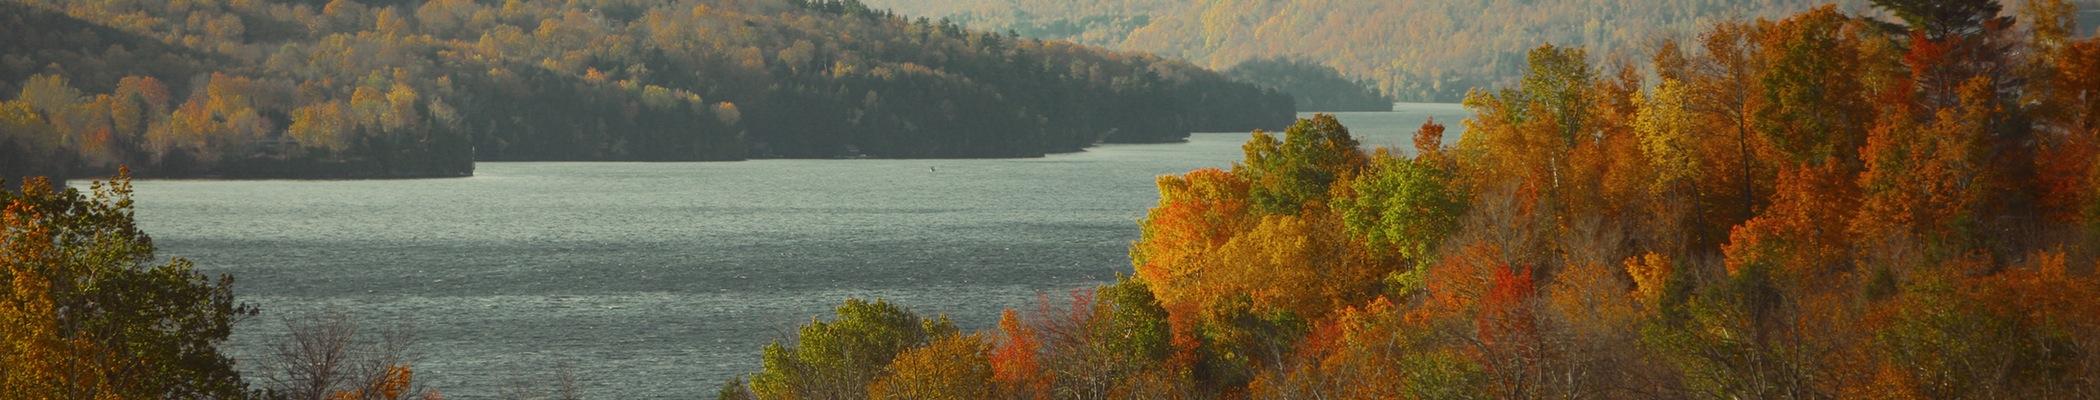 landscape-nature-forest-lake